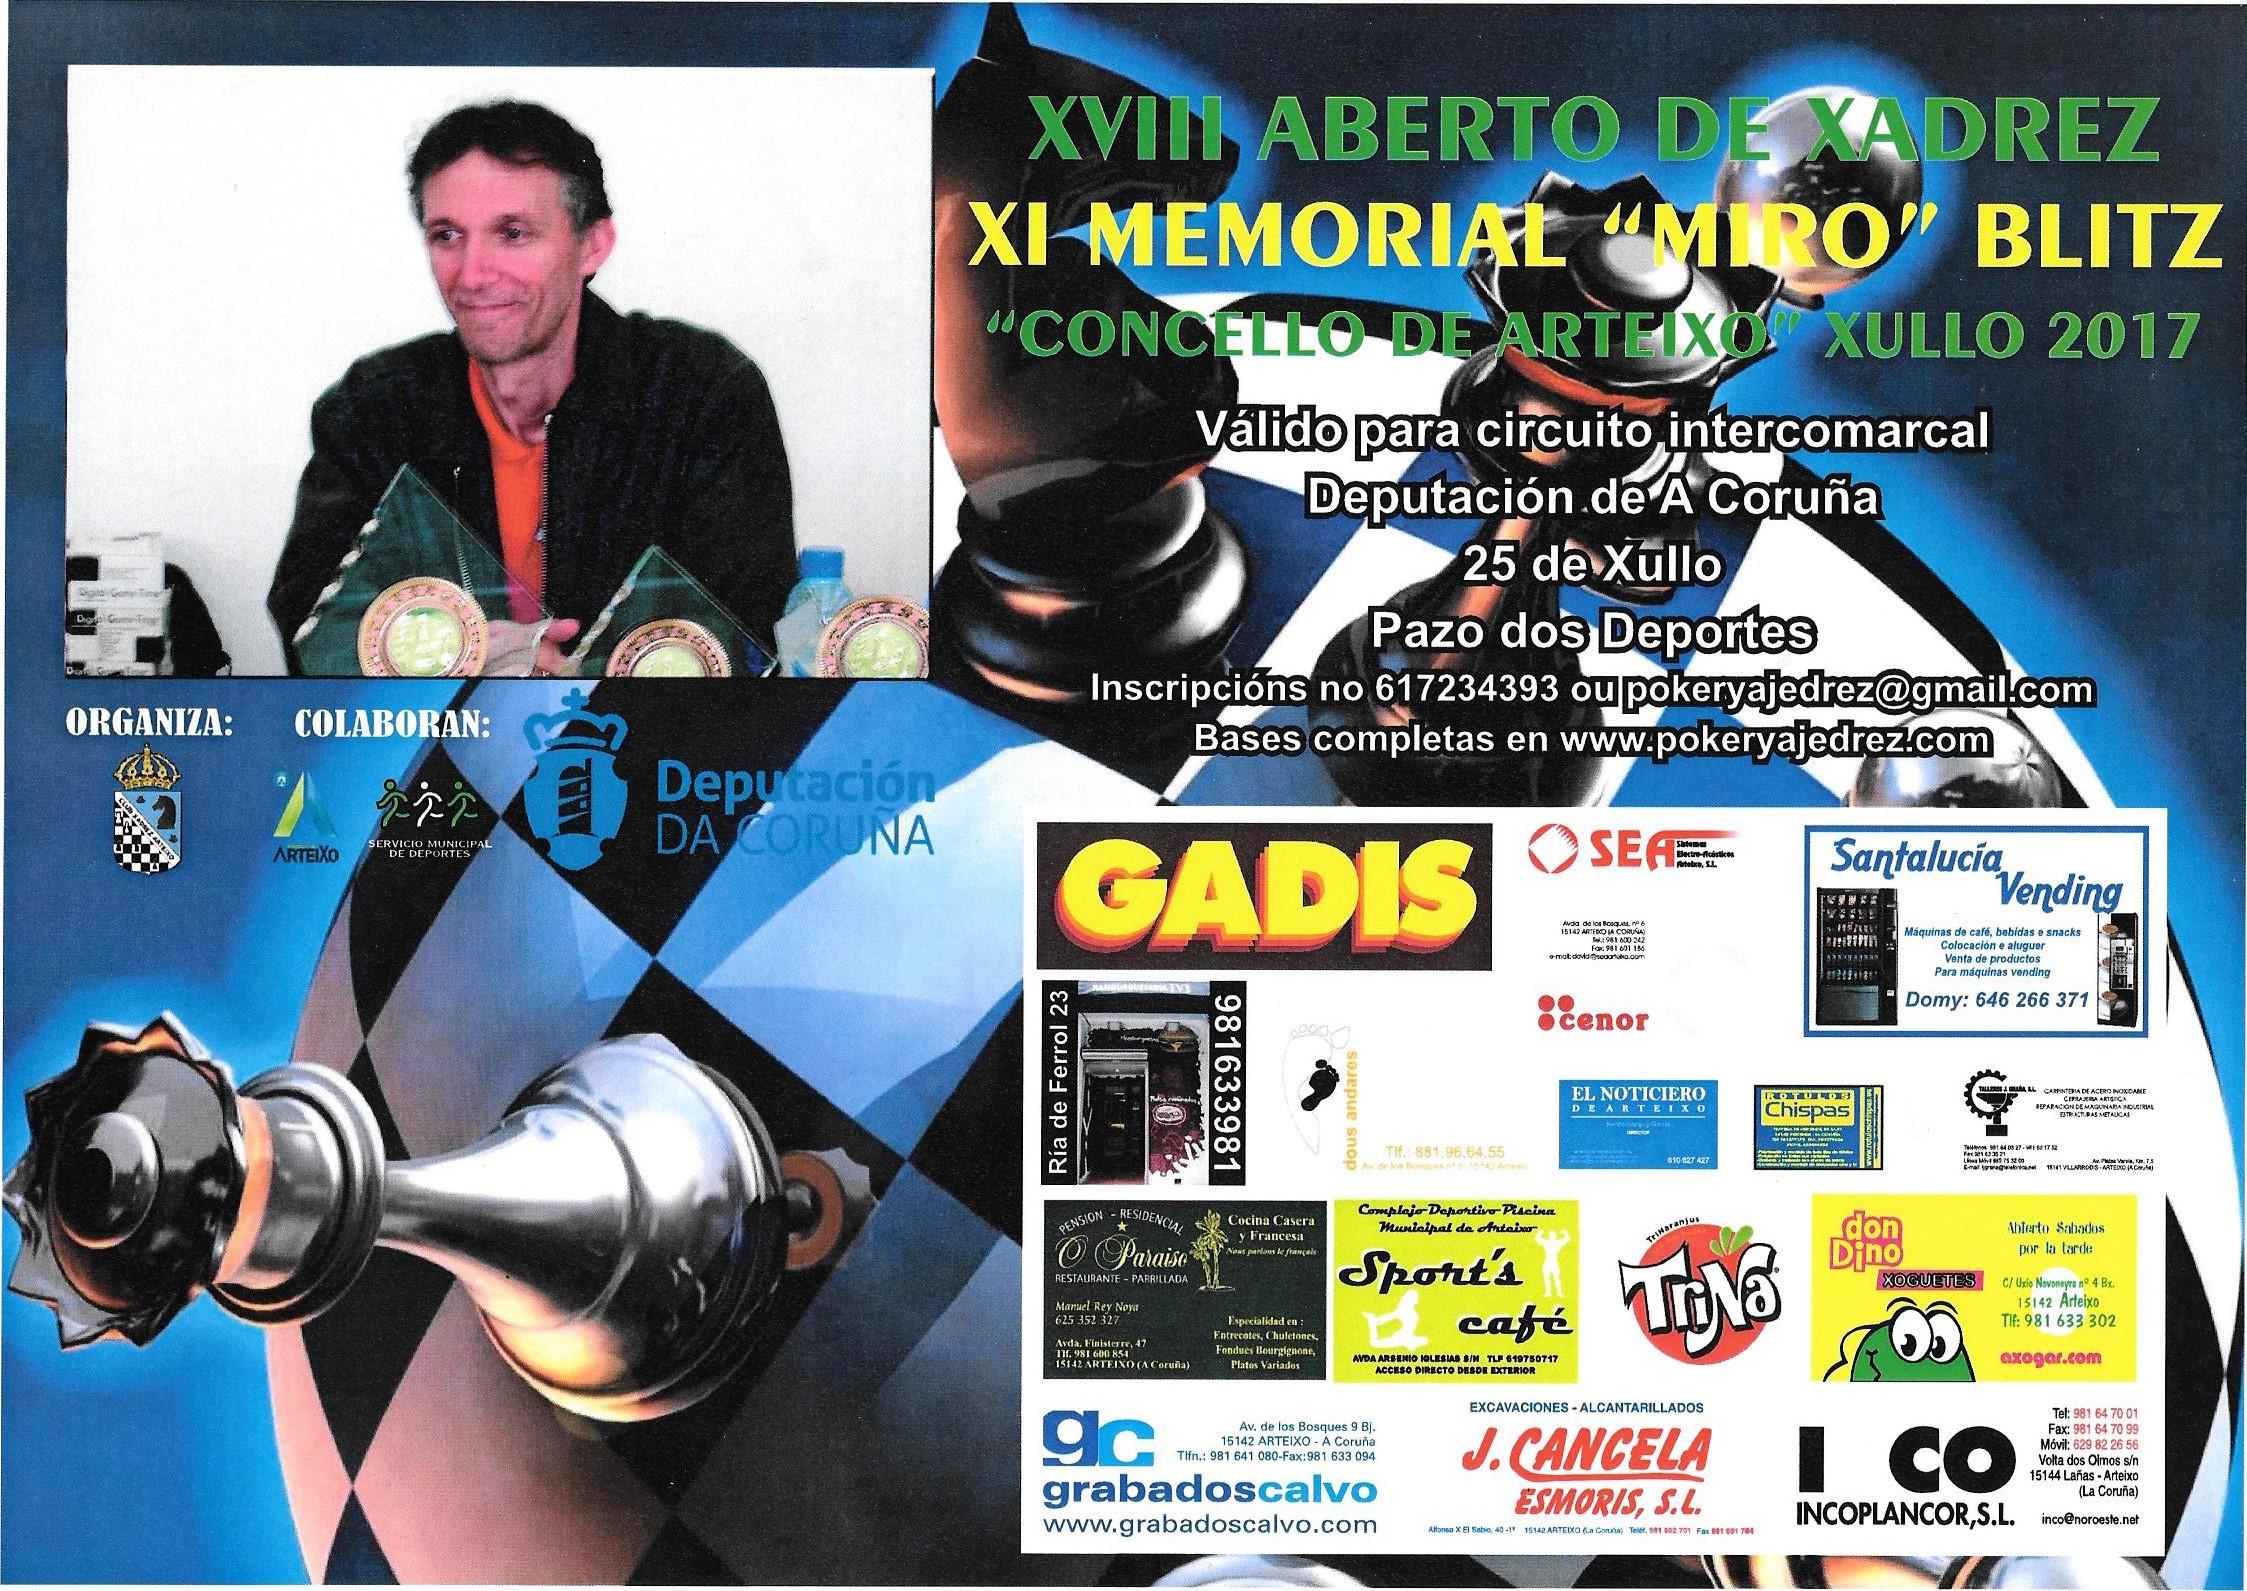 XVIII Aberto Concello de Arteixo - XI Memorial Miro blitz